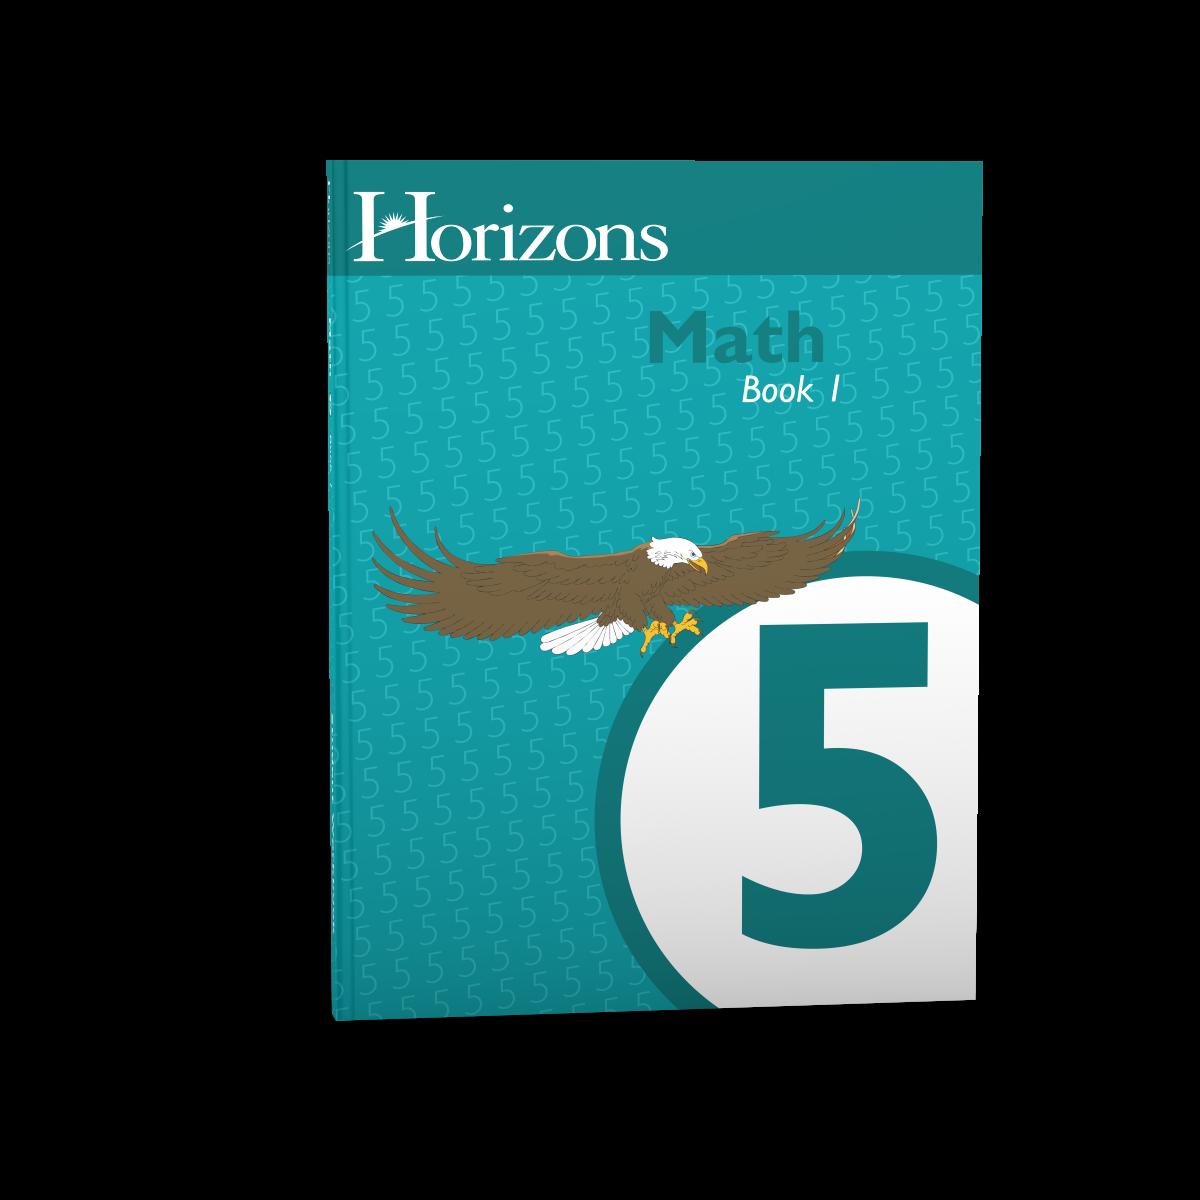 Horizons 5th Grade Math Student Book 1 - AOP Homeschooling